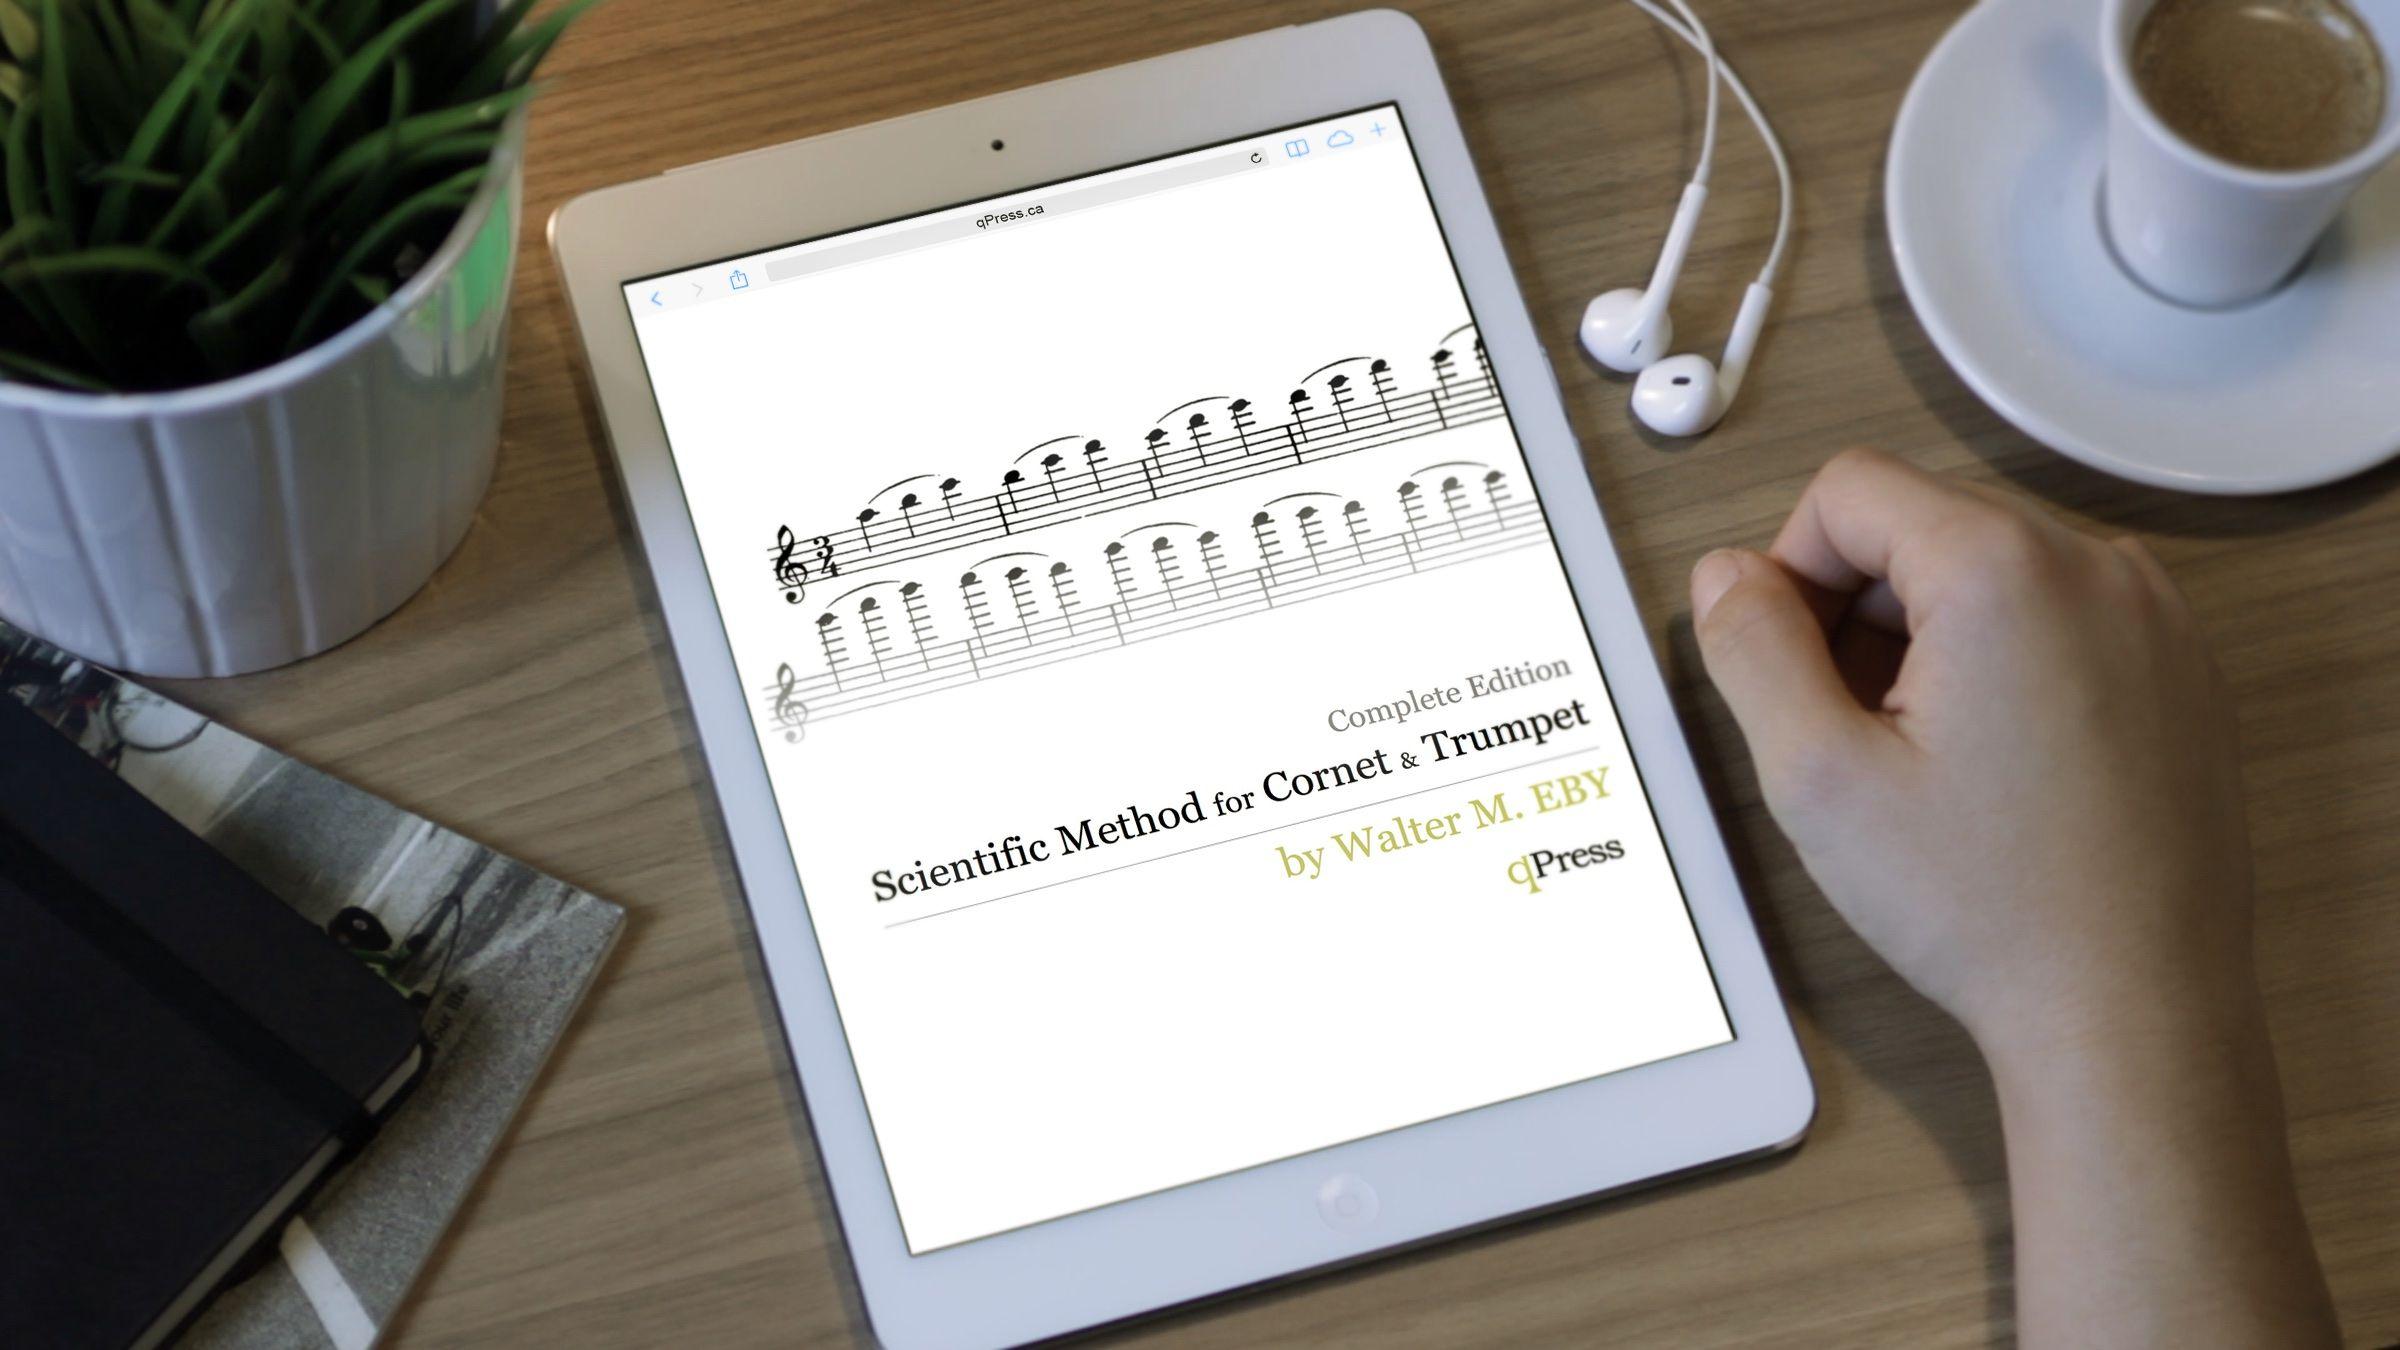 Scientific Method for & Trumpet Trumpet,